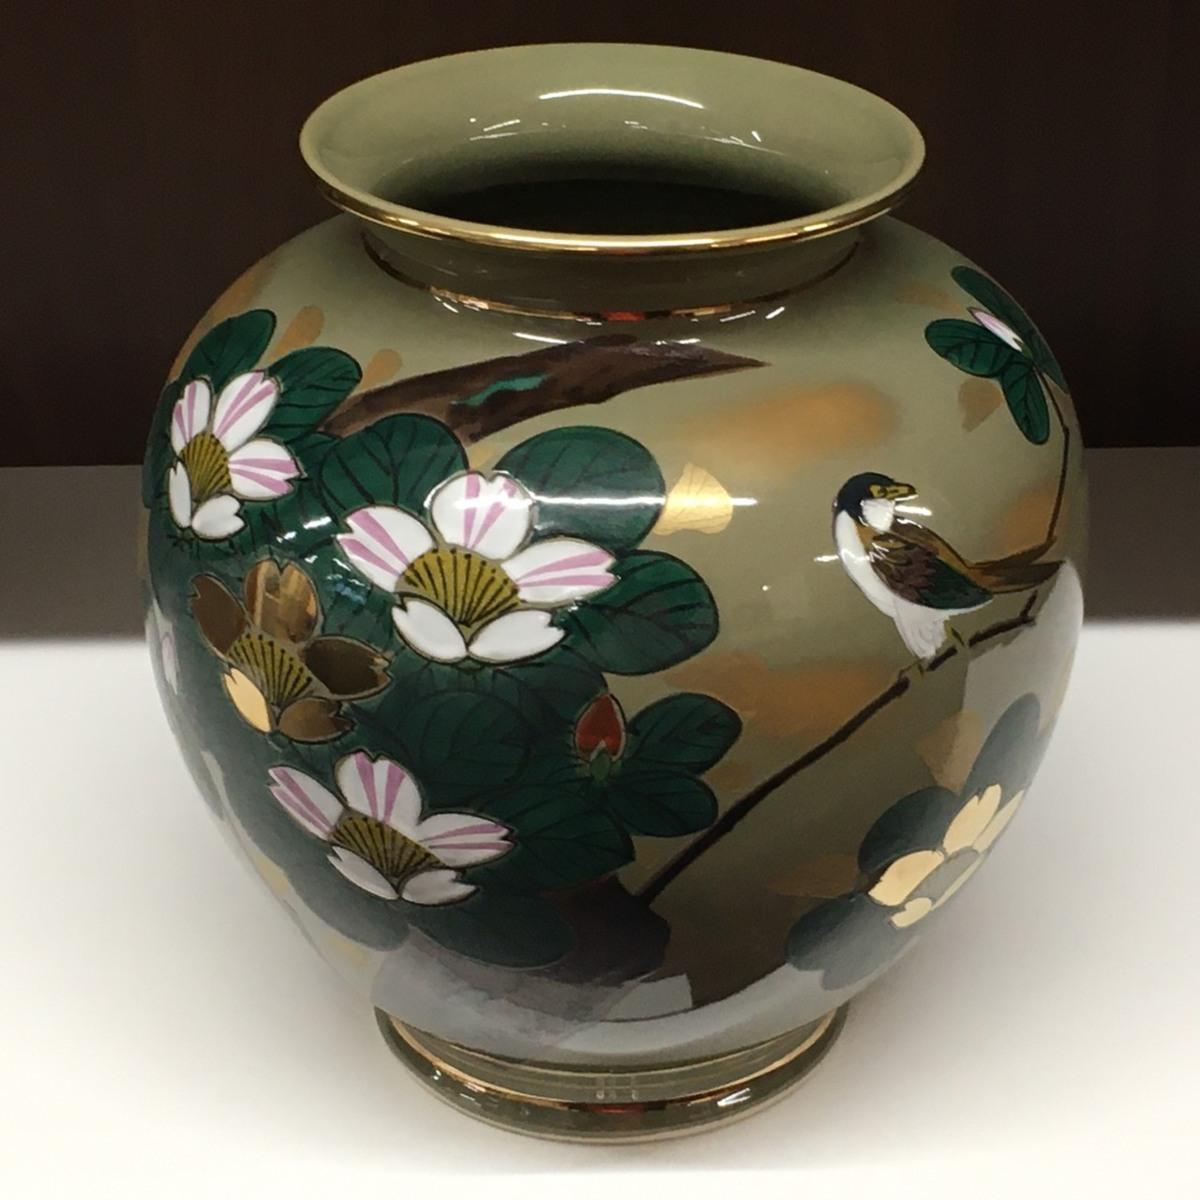 ■九谷焼 花瓶 高さ約24cm /中古品 フラワーベース 花入 インテリア ⇔■_画像1